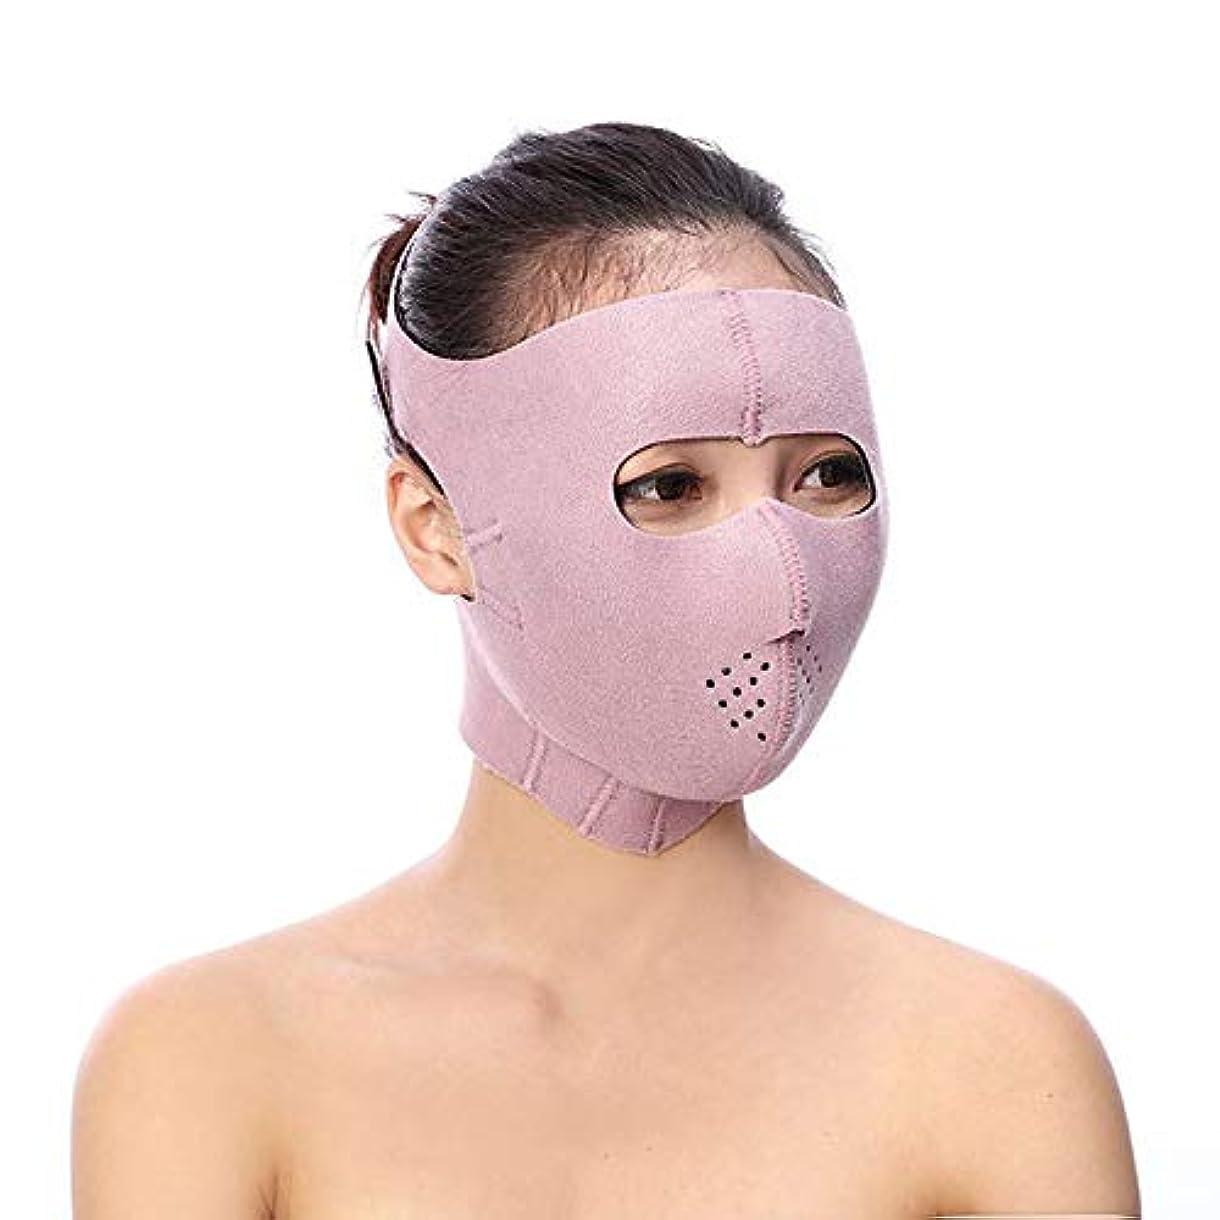 デコードするアクチュエータ食堂XINGZHE フェイシャルリフティング痩身ベルト - Vフェイス包帯マスクフェイシャルマッサージャー無料の薄いフェイス包帯整形マスクを引き締める顔と首の顔スリム フェイスリフティングベルト